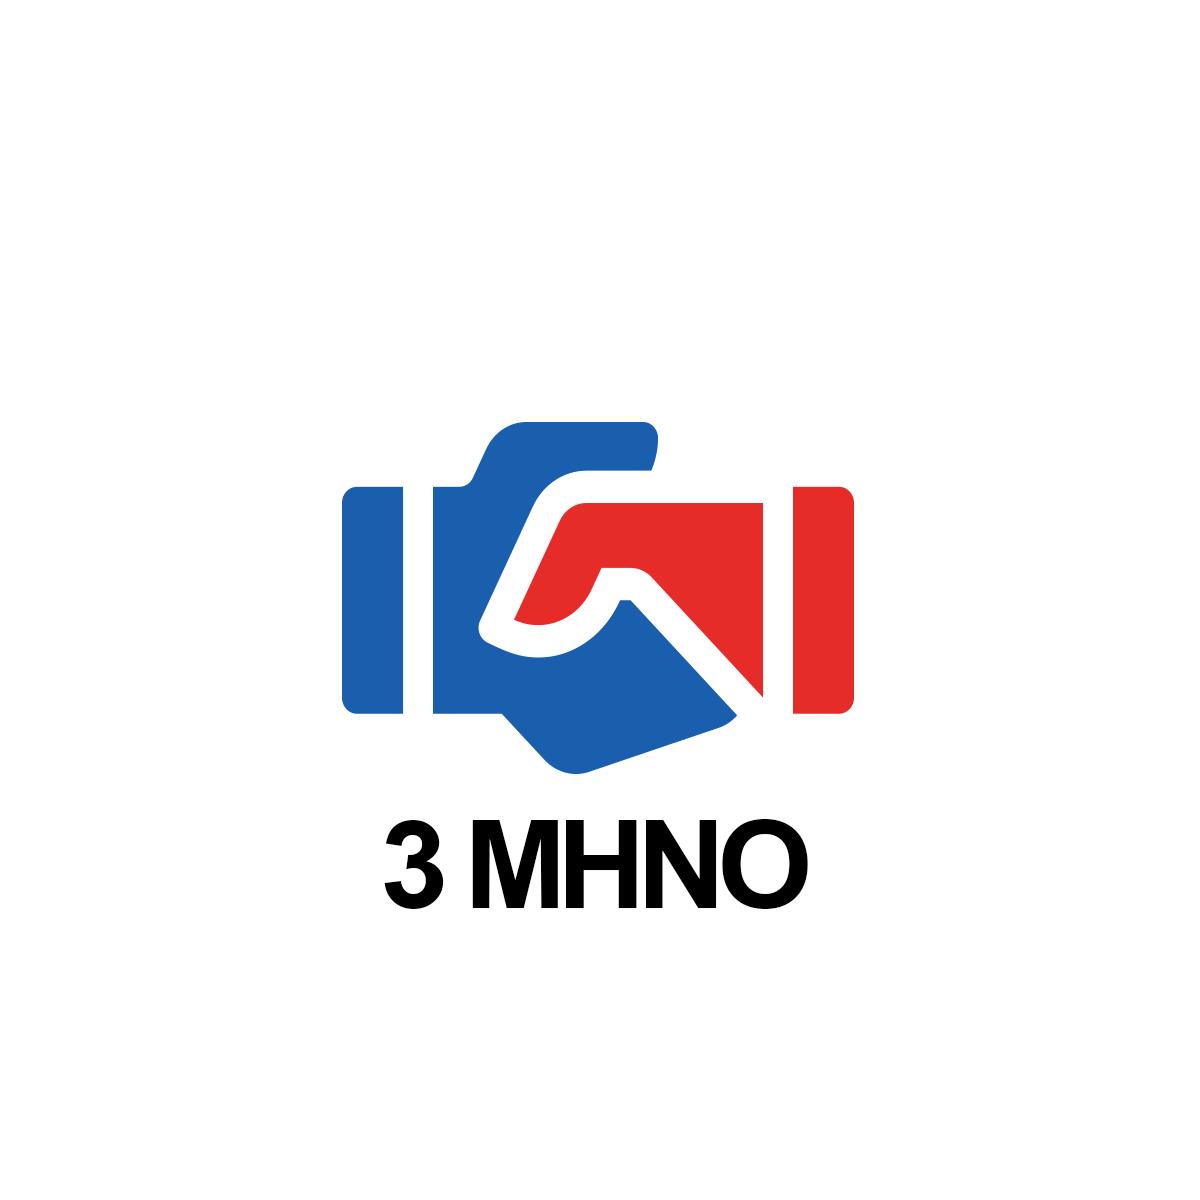 ΕΜΠΟΡΟΣ ΟΧΗΜΑΤΩΝ – 3ΜΗΝΟ